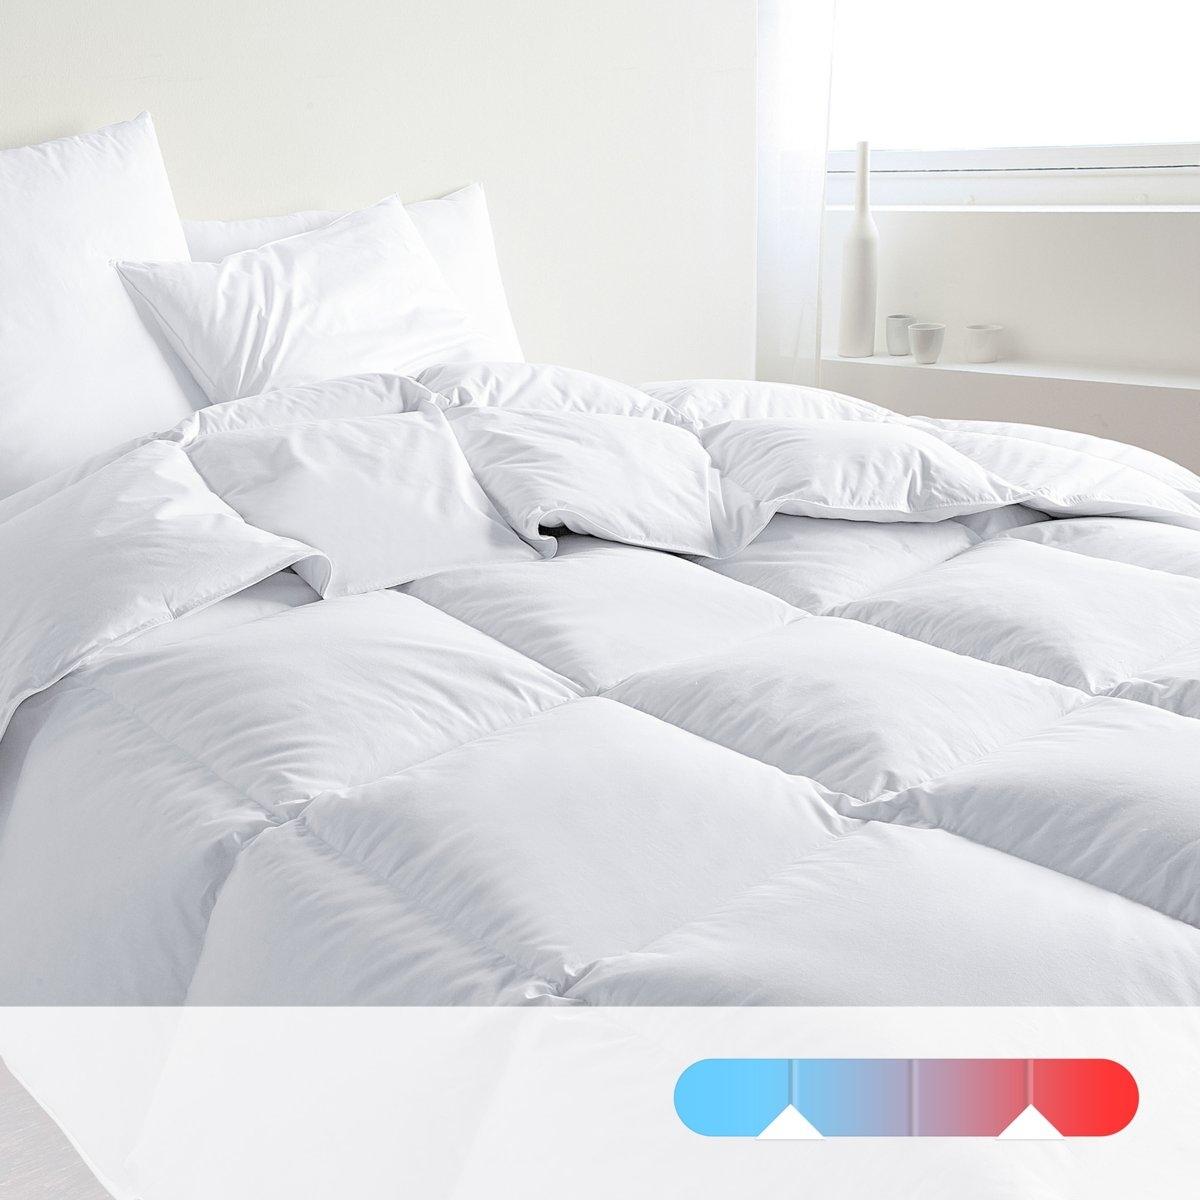 Одеяло двойное, 50% натурального утиного пуха DODO, с обработкой против клещейДвойное одеяло DODO из натурального утиного пуха и перьев. Гарантия 100% комфорта! Наполнитель обработан Proneem® против клещей: натуральная обработка, эффективная даже после многих стирок.Одеяло 120 г/м? для лета, 1 одеяло 250 г/м? для межсезонья, оба одеяла соединяются завязками для зимы .                      Наполнитель : Наполнитель: 50% утиного пуха, 50% перьев с обработкой Proneem® против клещей .           Чехол: перкаль, 100% хлопка . Отделка белым кантом. Квадратная прострочка. Биоцидная обработка  .           Стирка при температуре 30°.                      Доставка в чемоданчике для хранения.<br><br>Цвет: белый